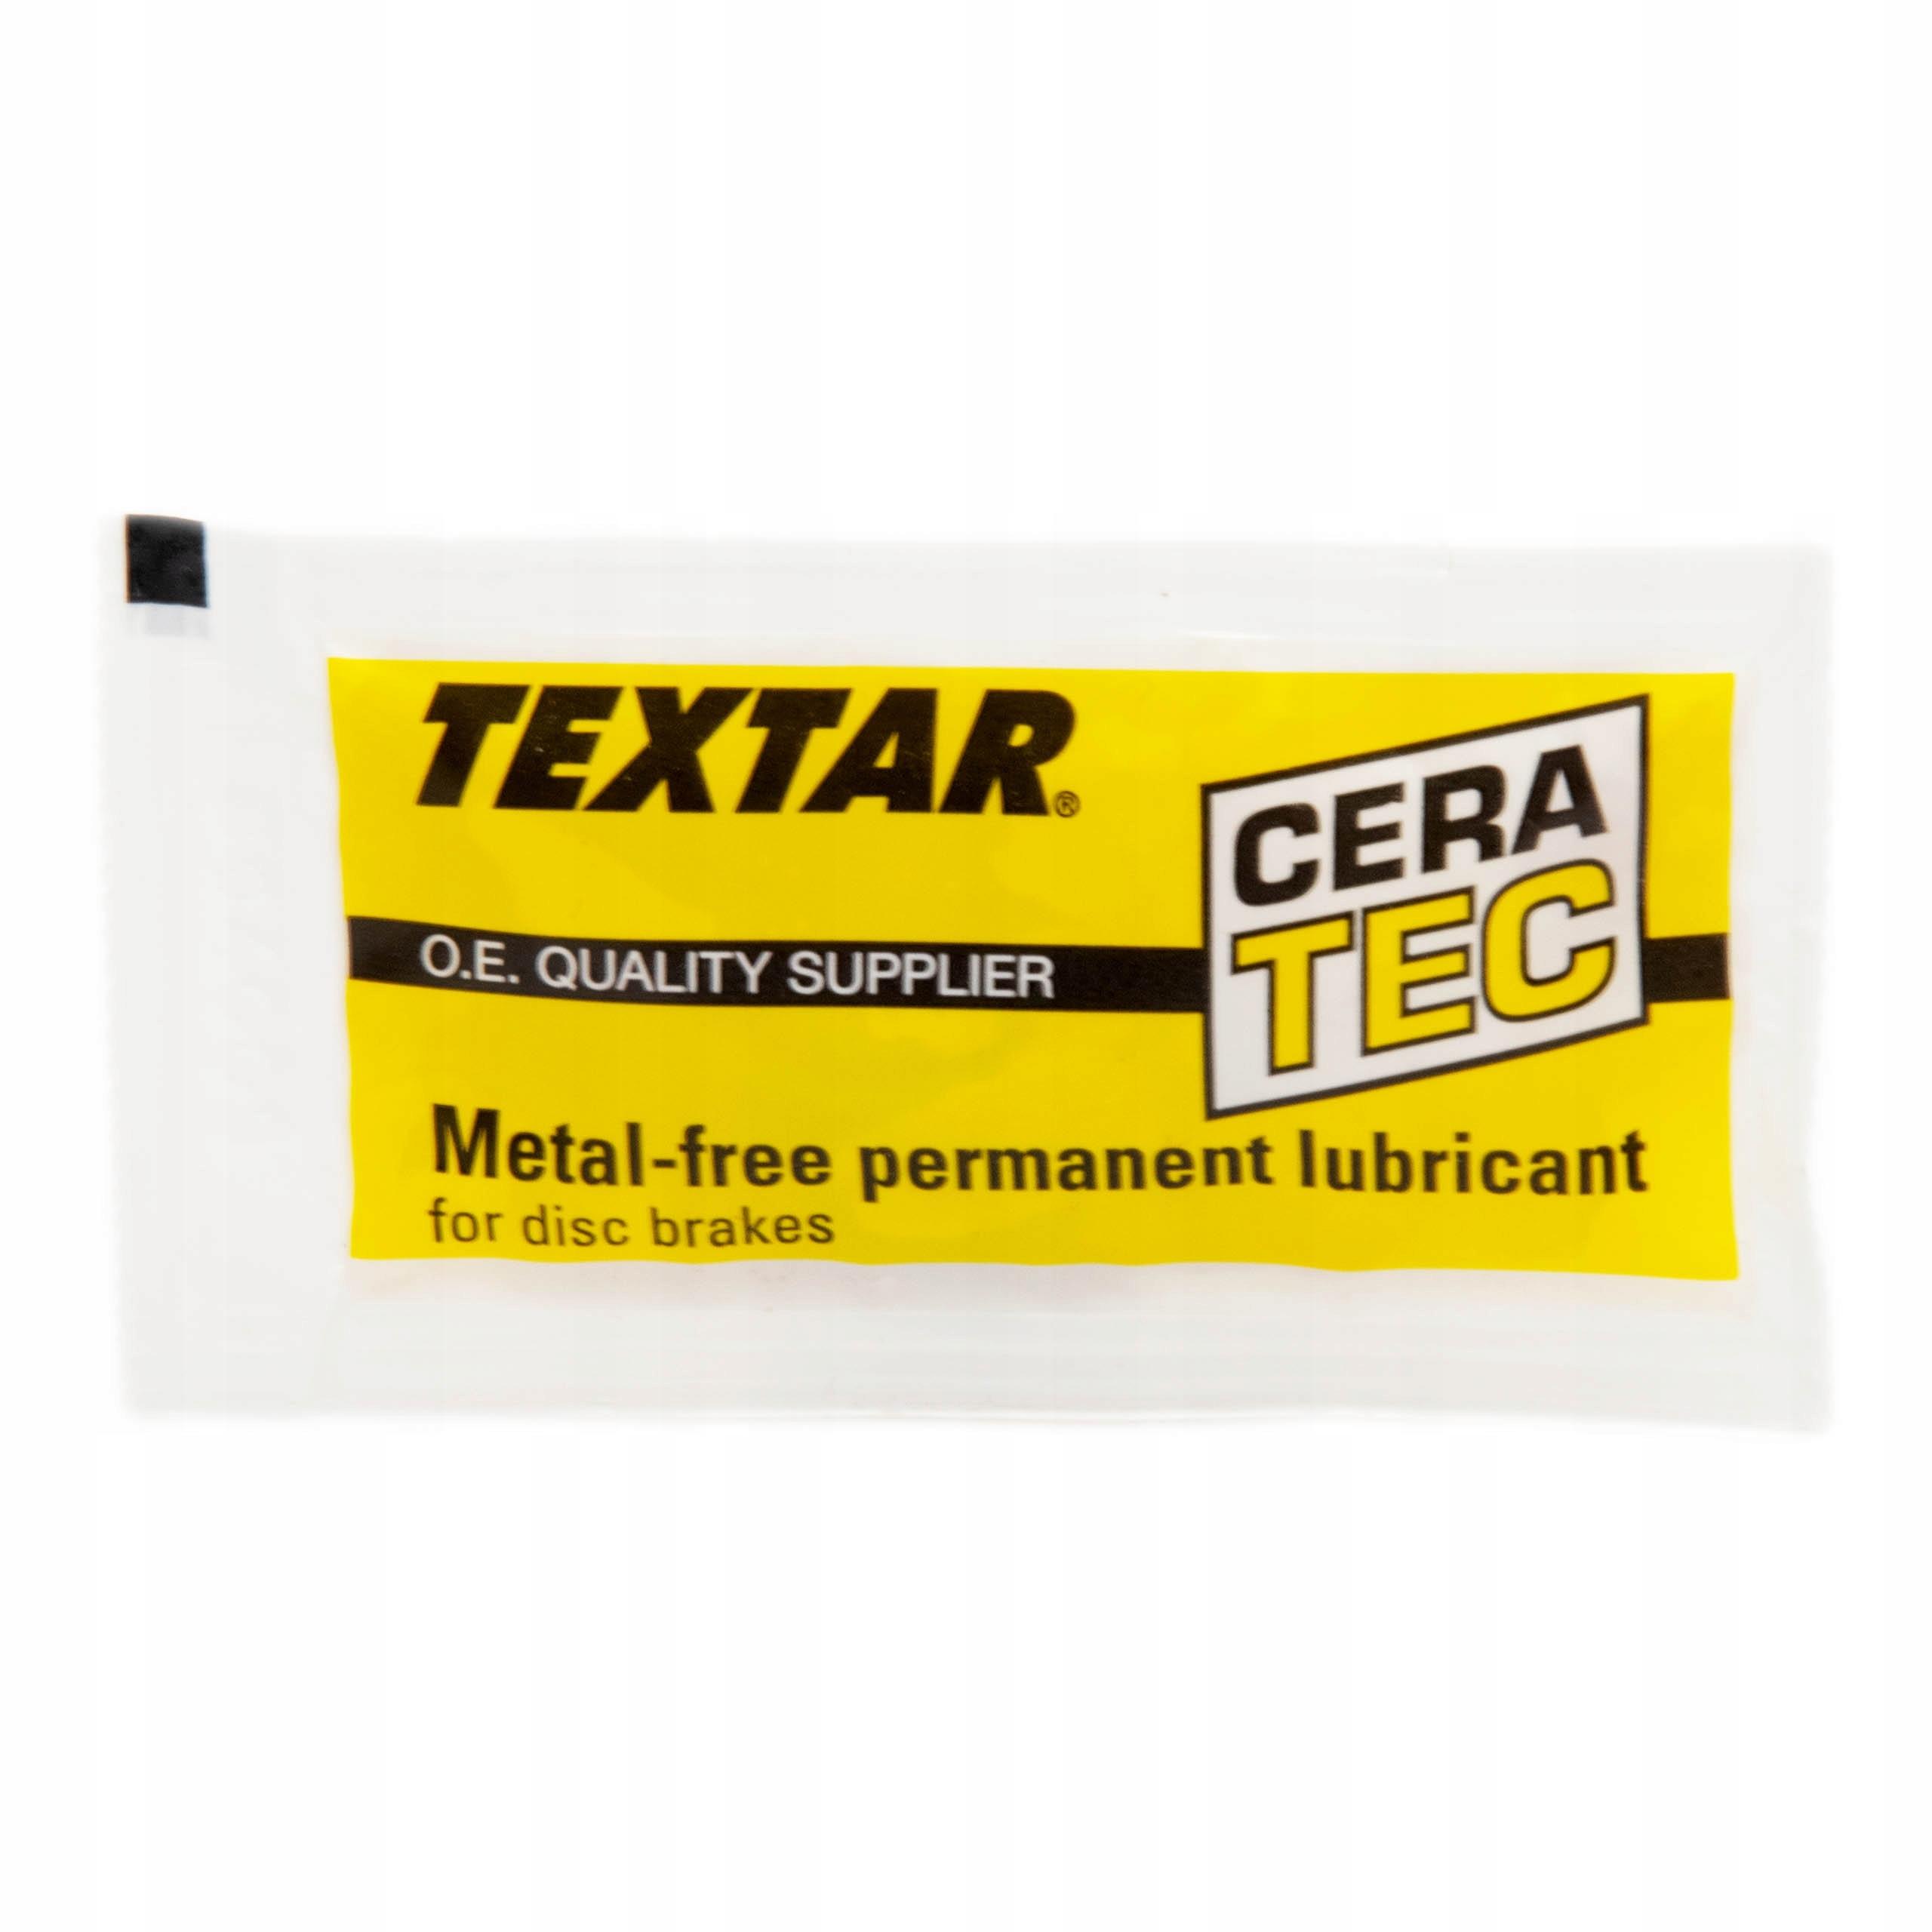 Смазка для тормозной системы Textar Cera Tec 5 мл